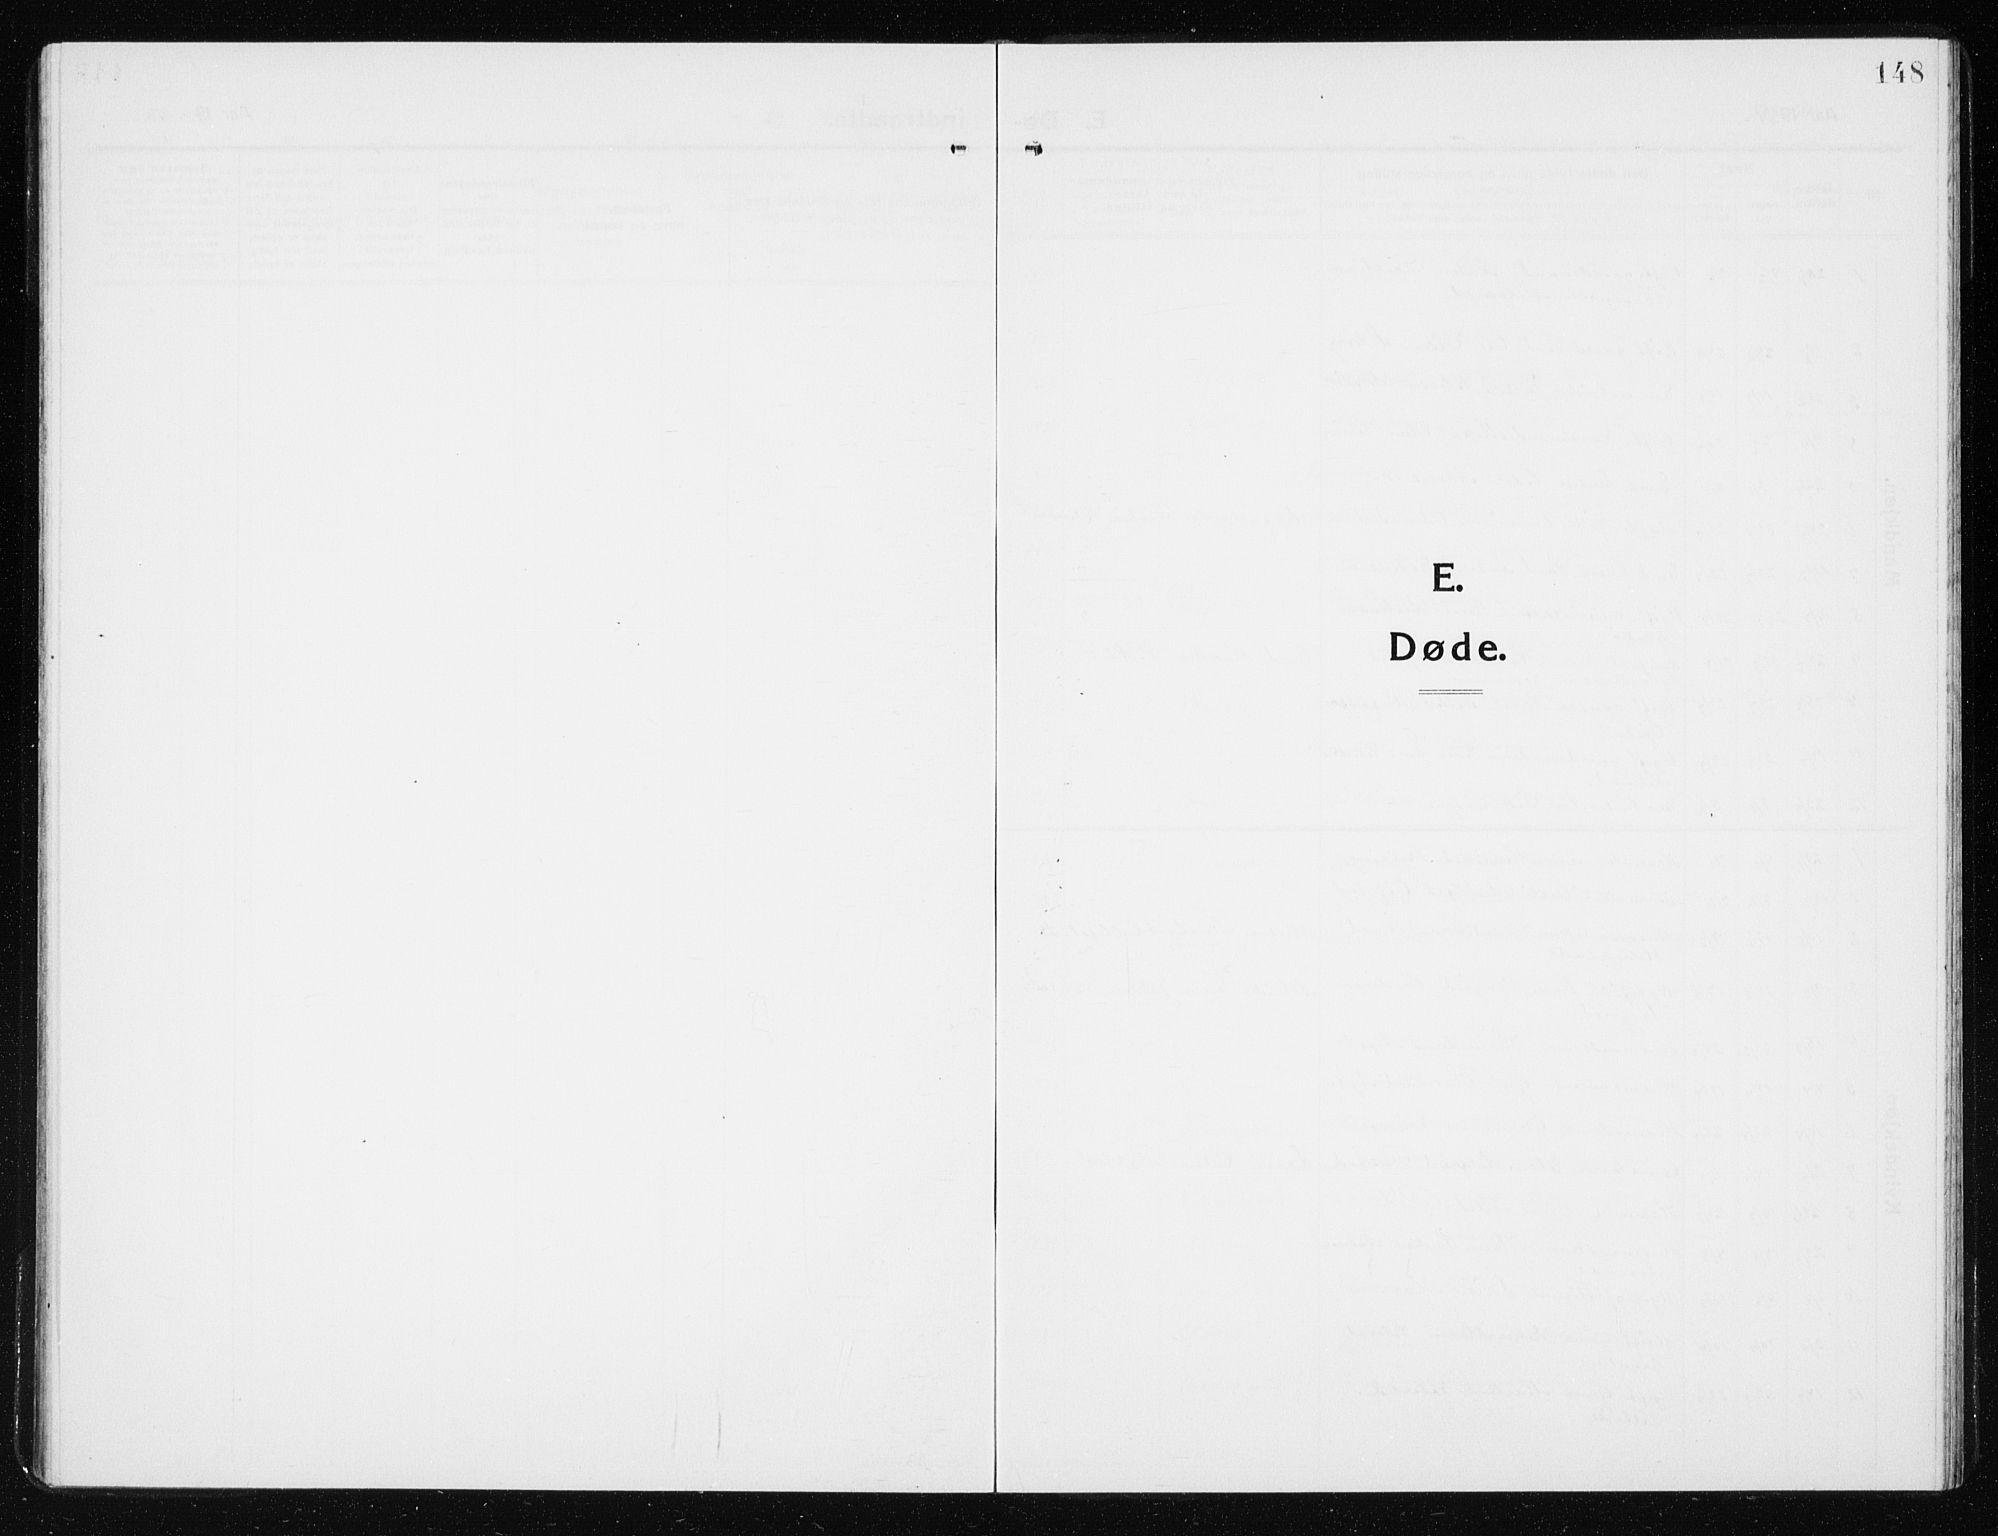 SAT, Ministerialprotokoller, klokkerbøker og fødselsregistre - Nord-Trøndelag, 741/L0402: Klokkerbok nr. 741C03, 1911-1926, s. 148